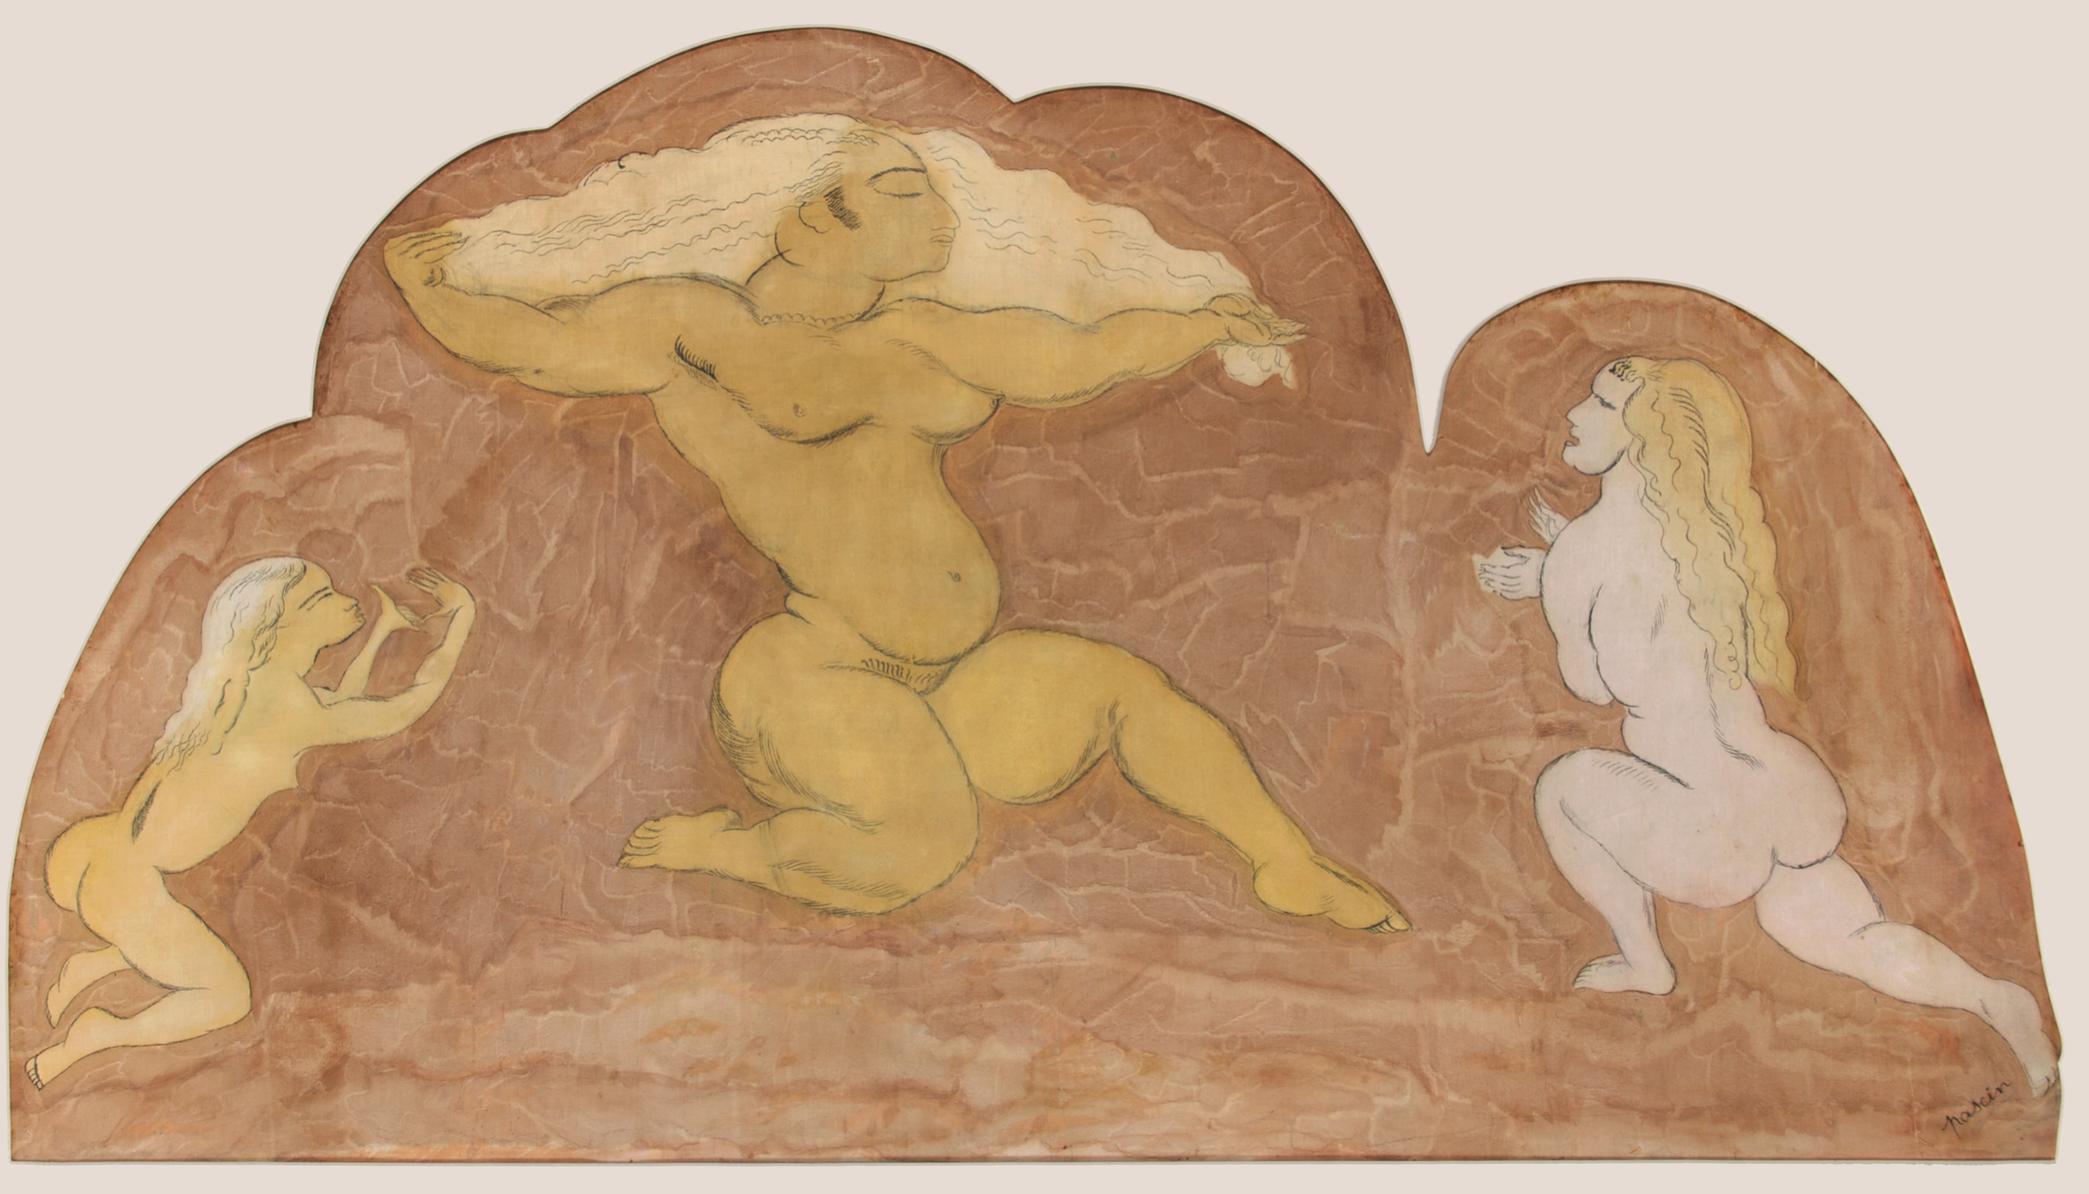 Pascin – Trois femmes dansent Paris 1925, technique mixte sur tissu, 89 x 164 cm © Archives Comité Pascin, Paris